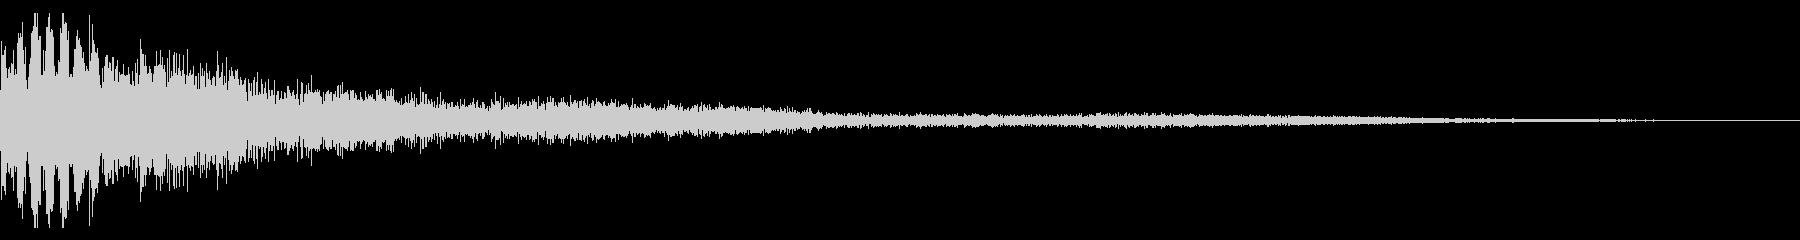 シンプルな銅鑼ショットの未再生の波形